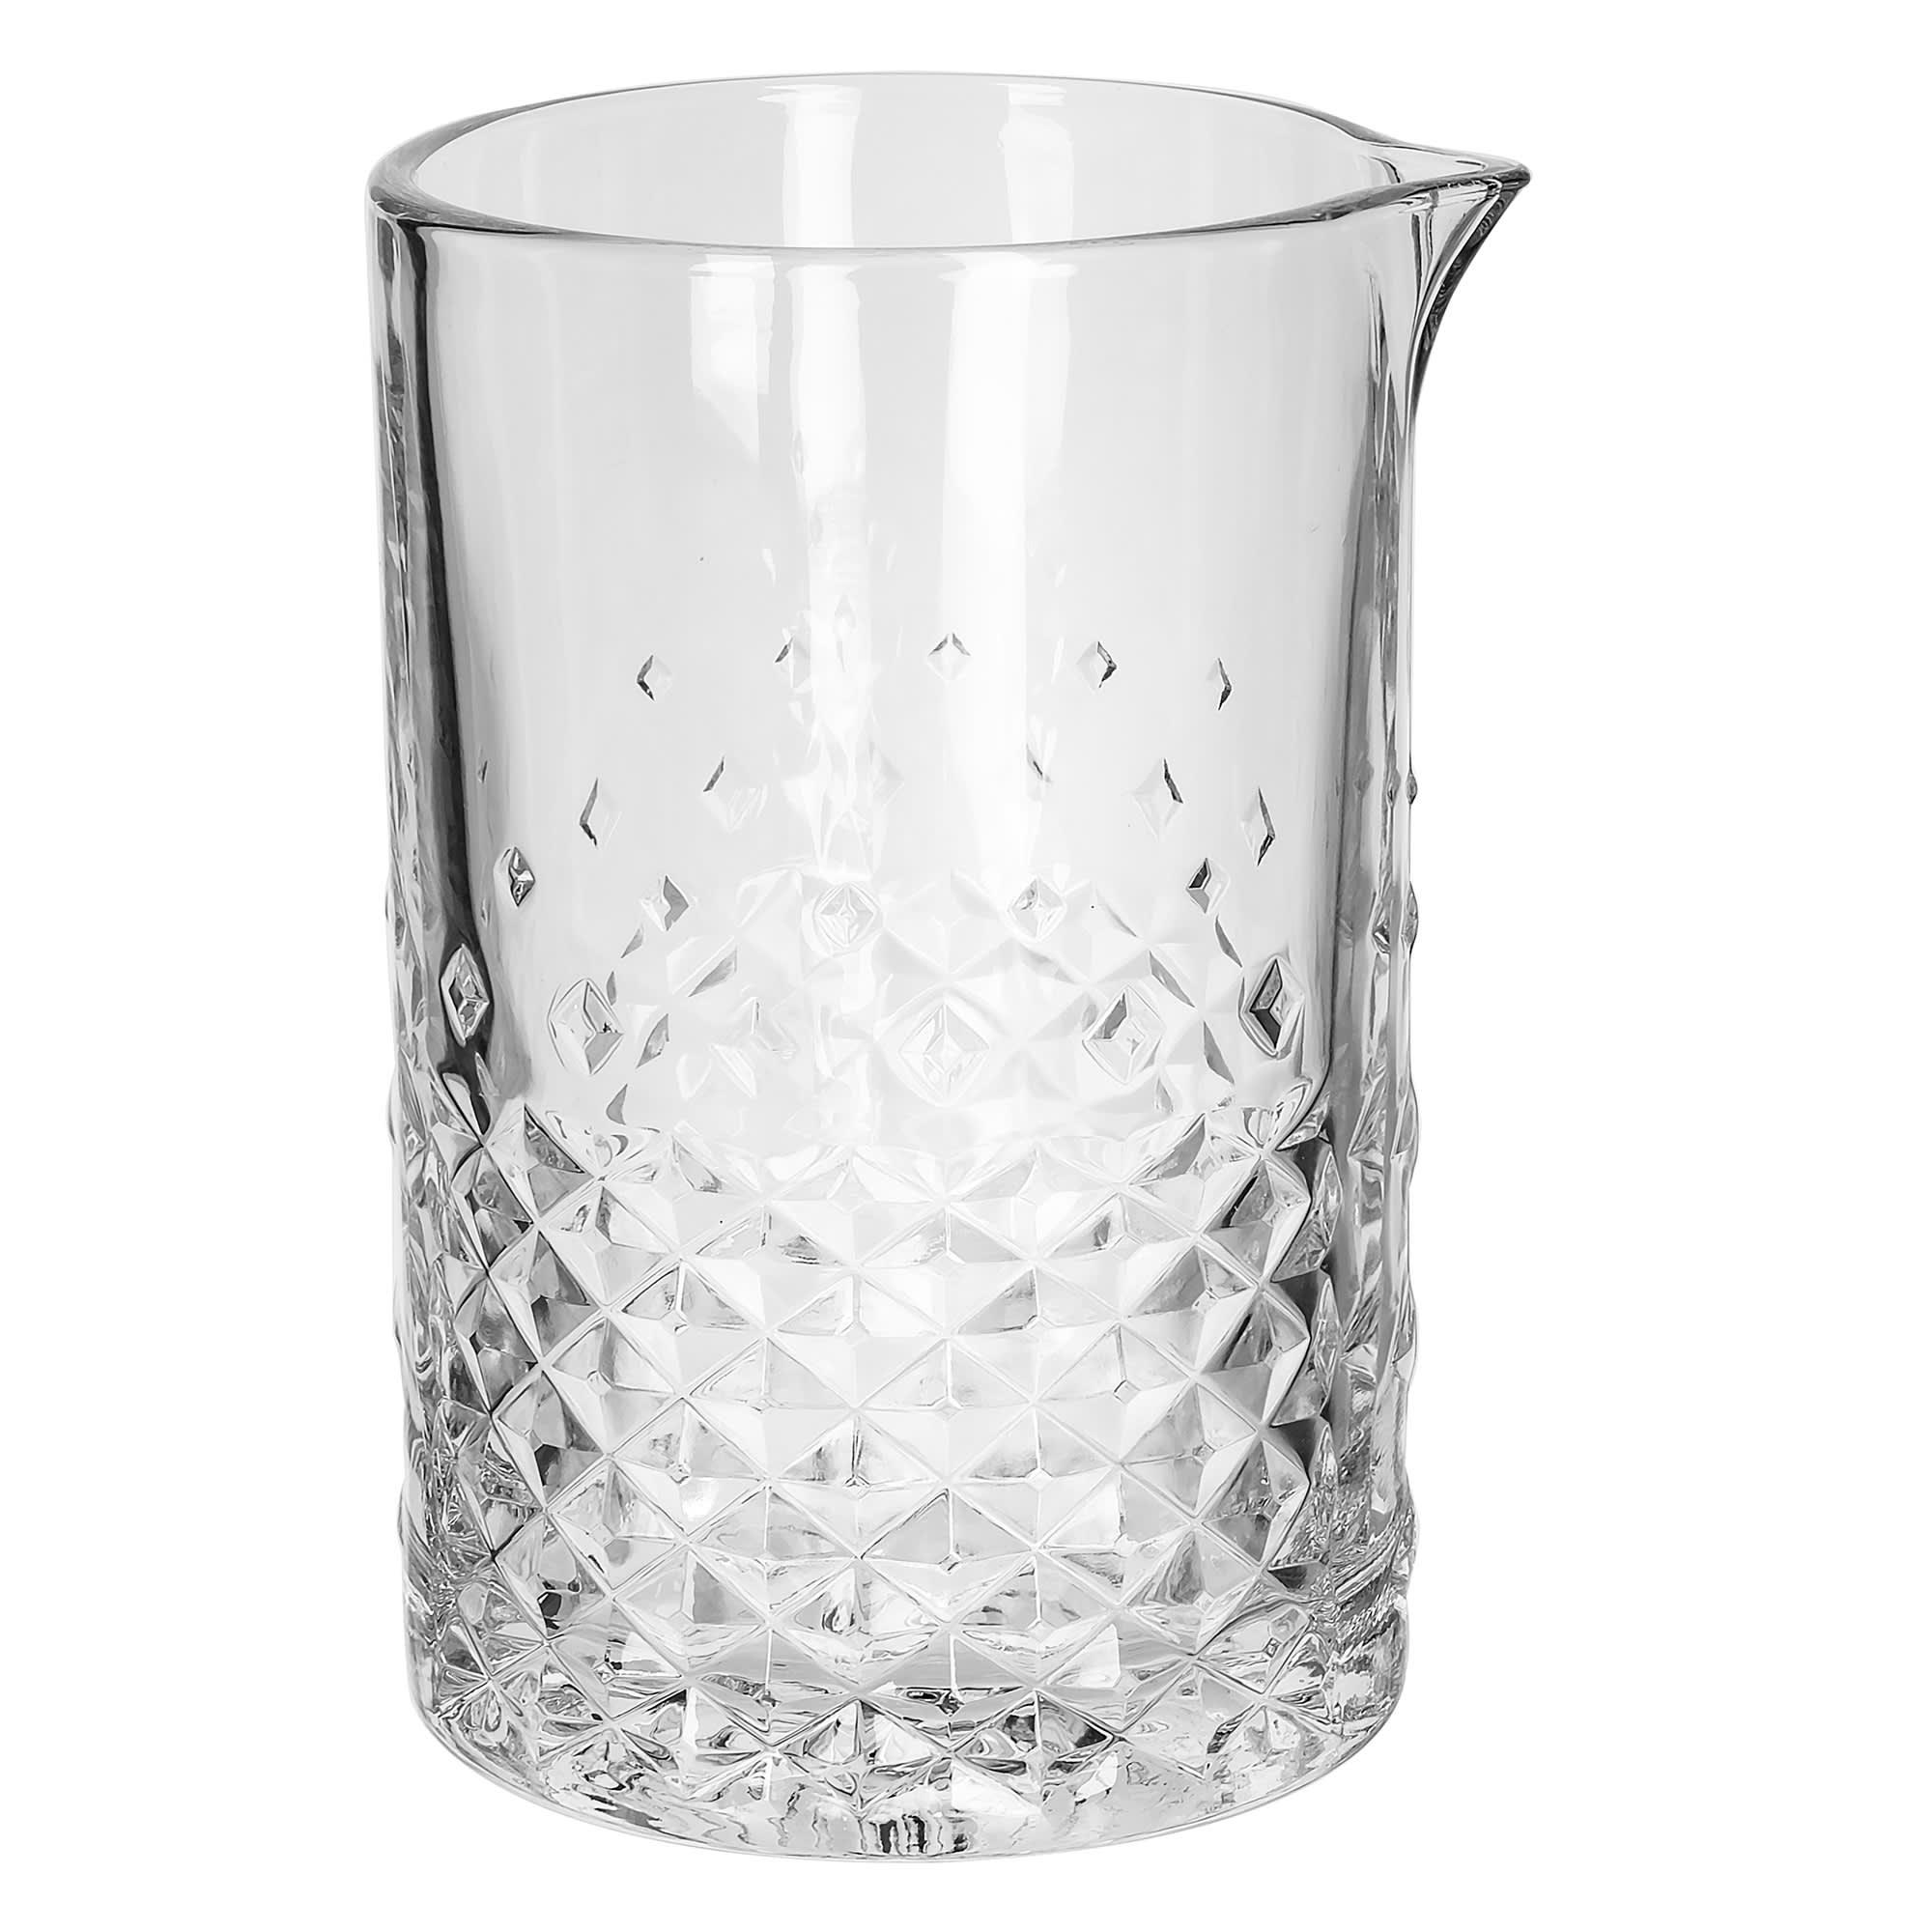 Libbey 926781 25.25-oz Carats Stirring Glass w/ Pour Spout